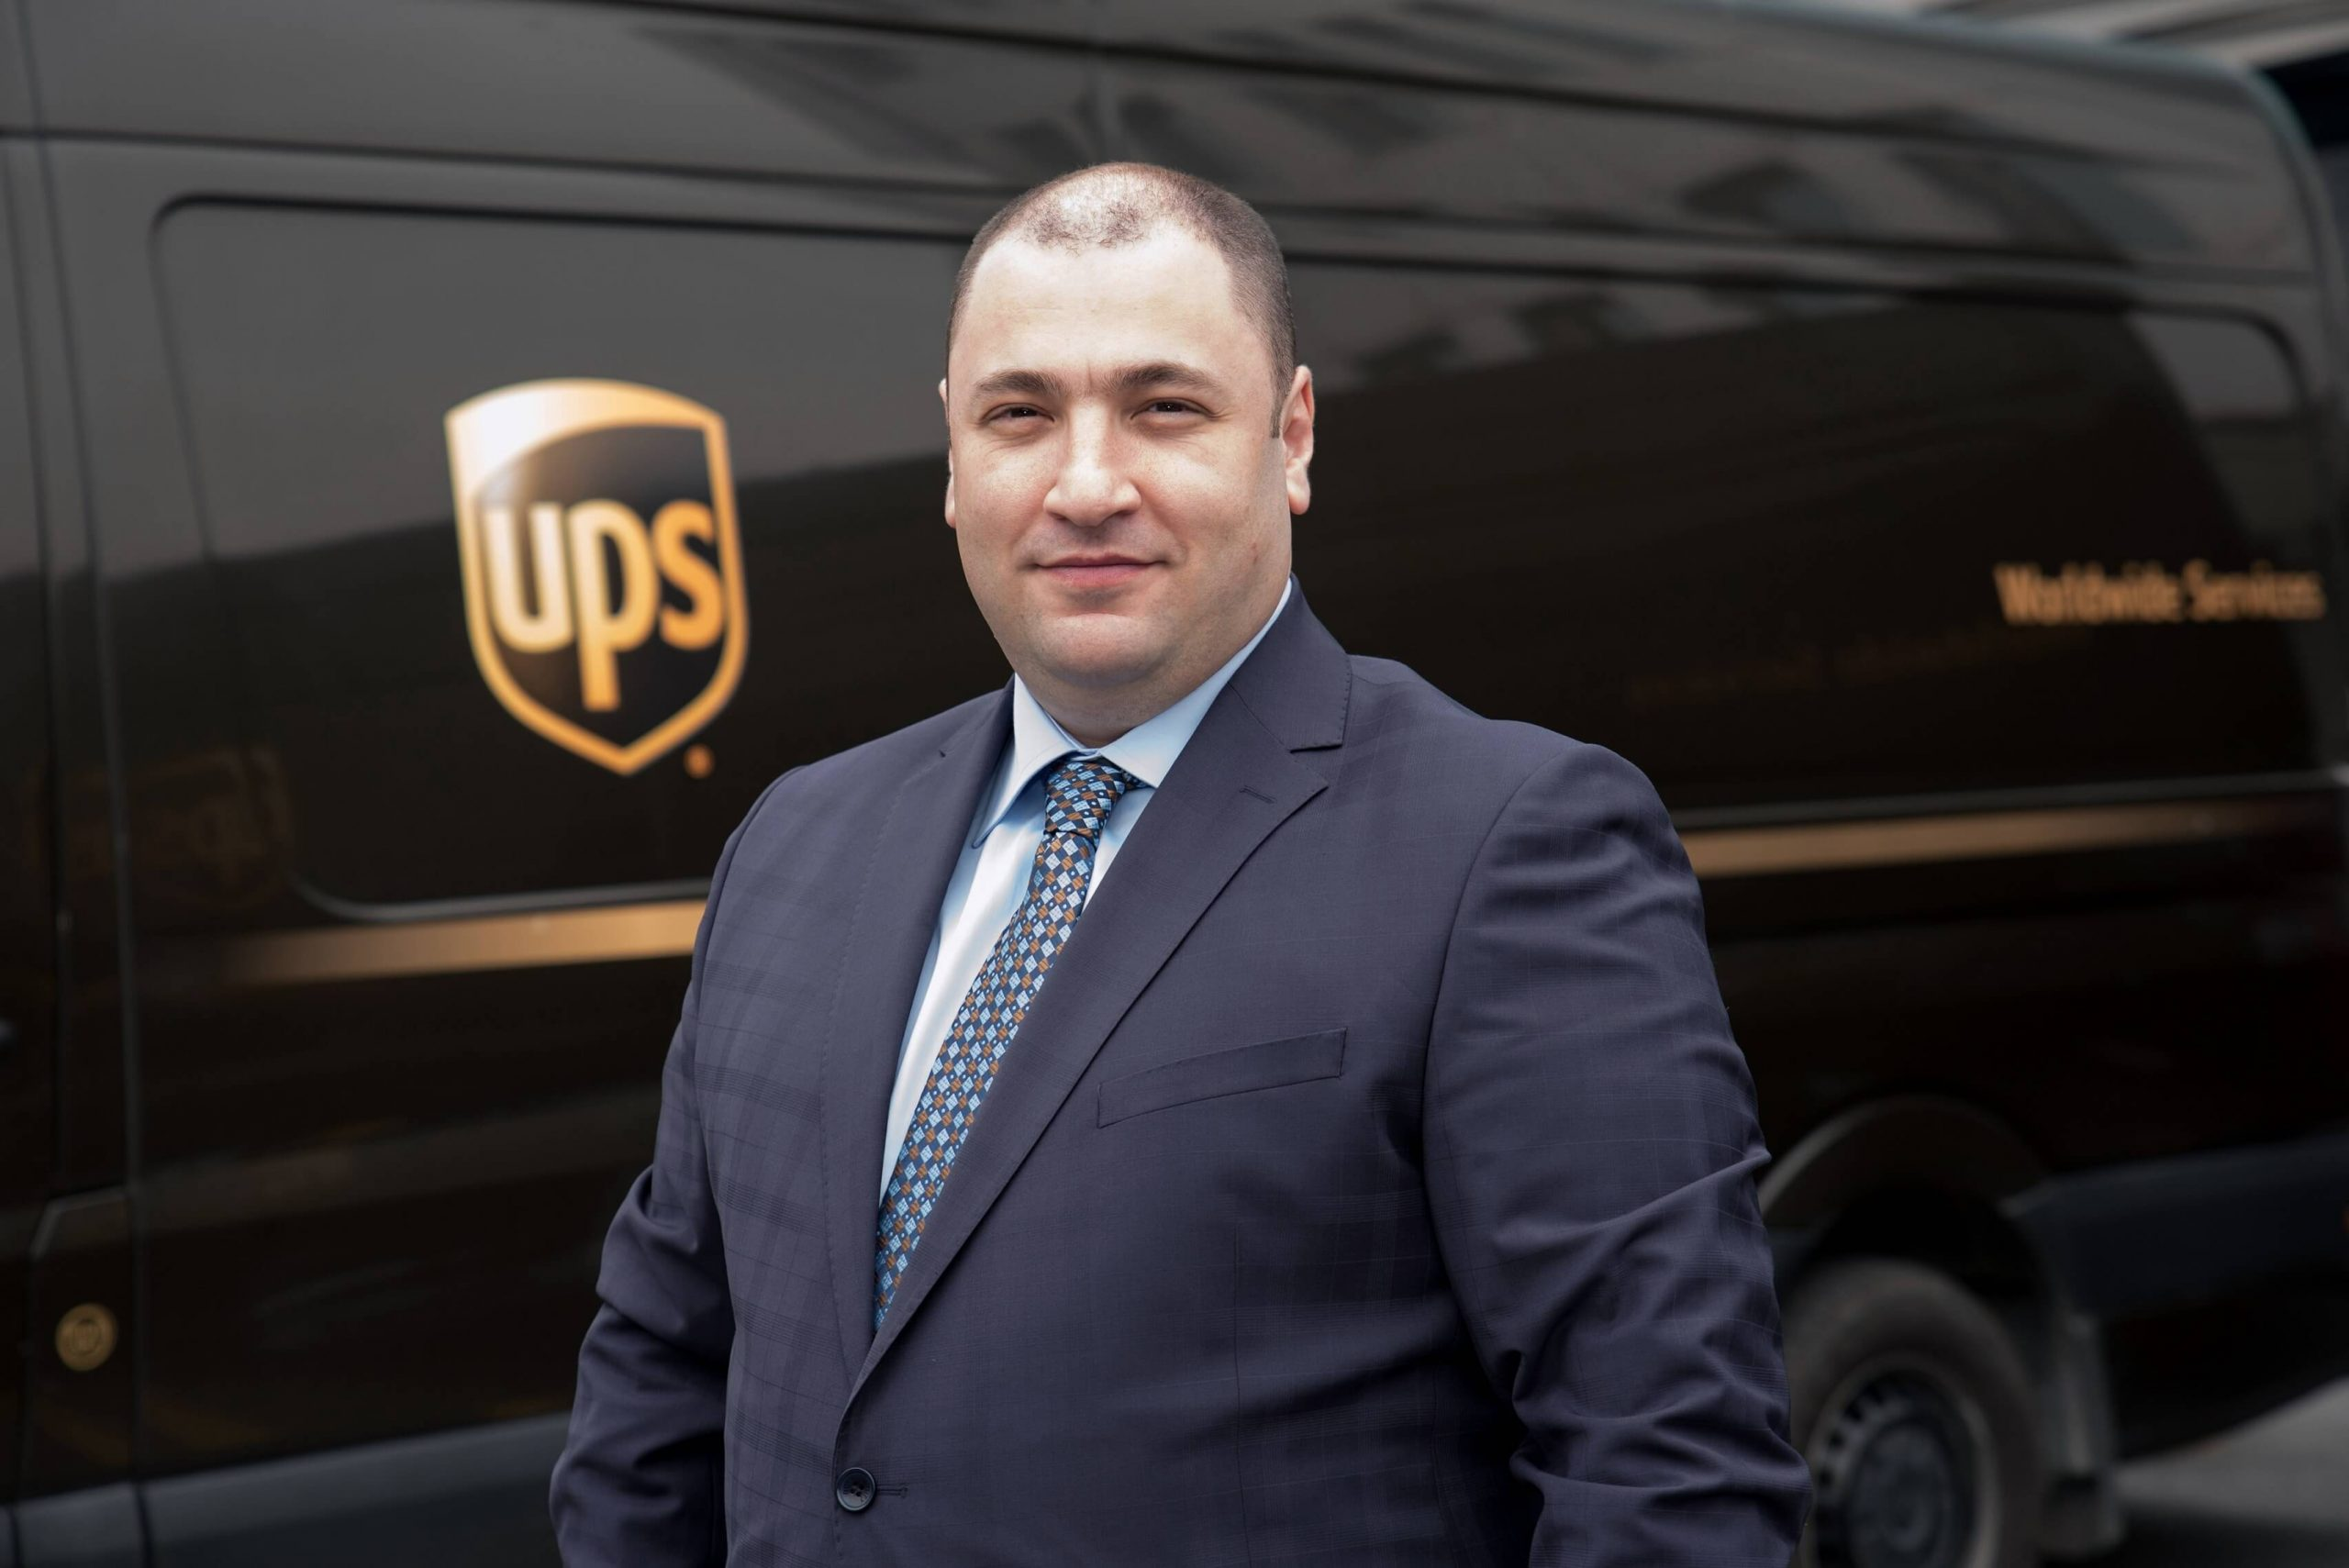 UPS Kadın Girişimcilerin Dünyaya Açılmasını Desteklemeye Devam Ediyor